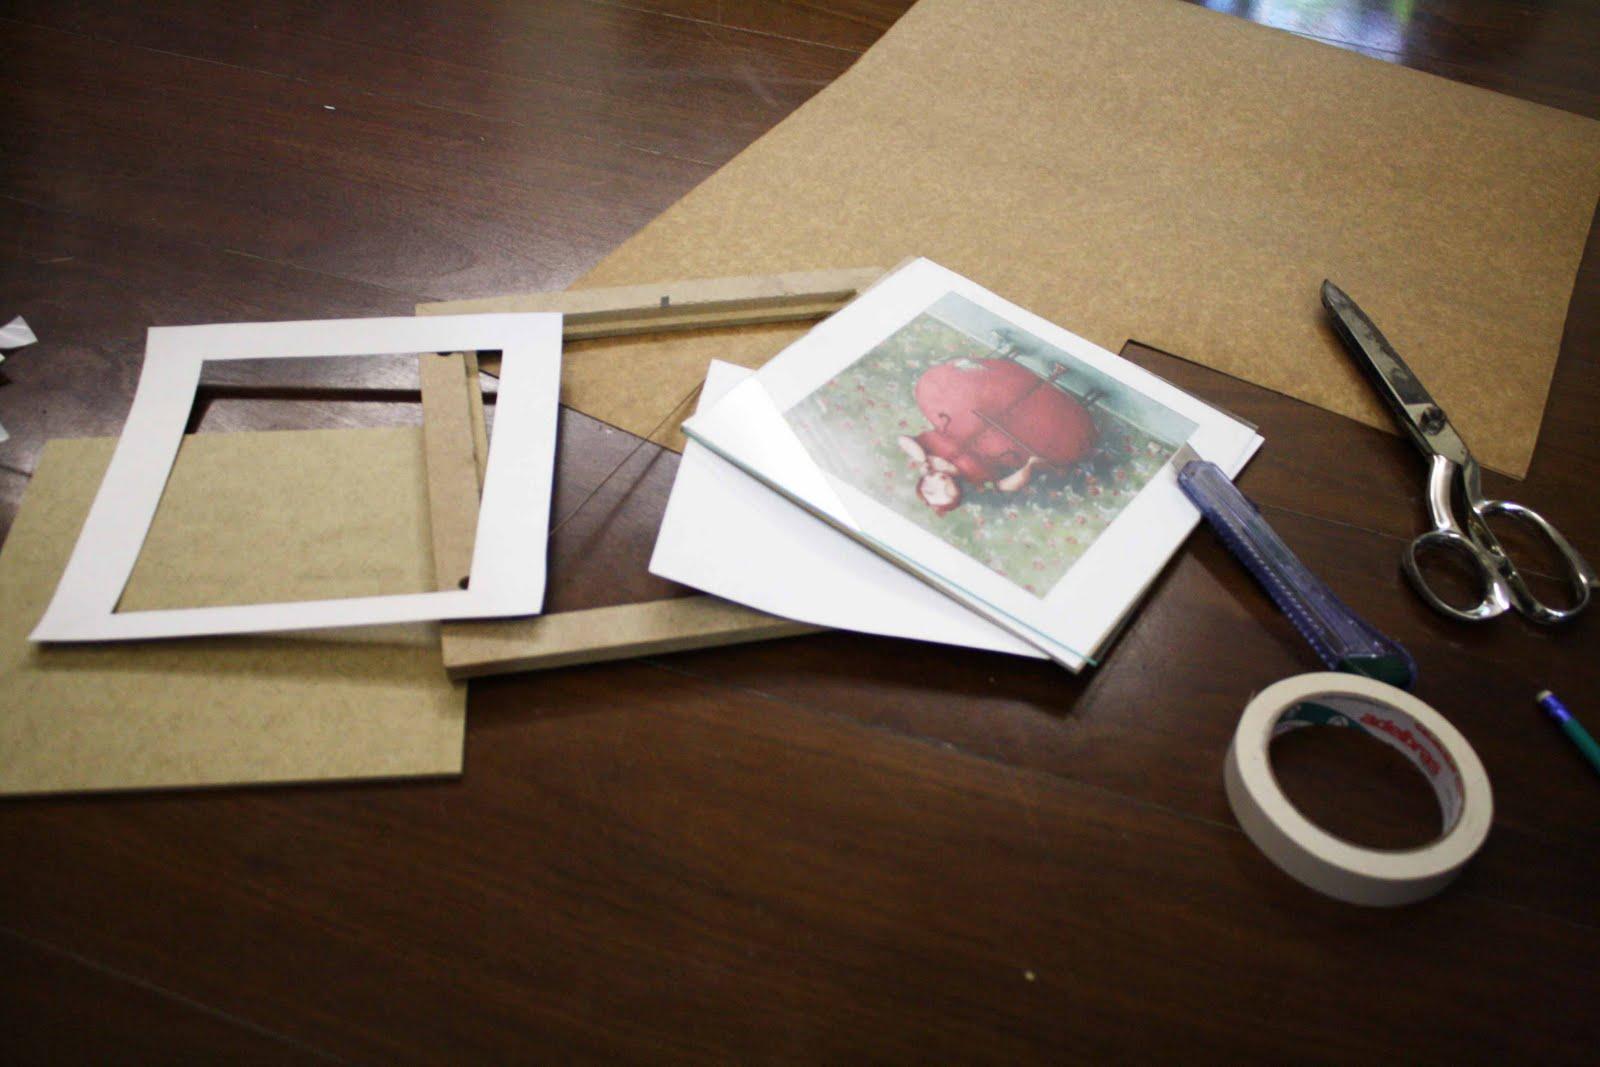 cf2bb78cb Primeiramente escolha a moldura em que será colocada a imagem desejada. Em  seguida pegue uma folha de papel cartão de pH neutro (que pode ser  encontrado na ...